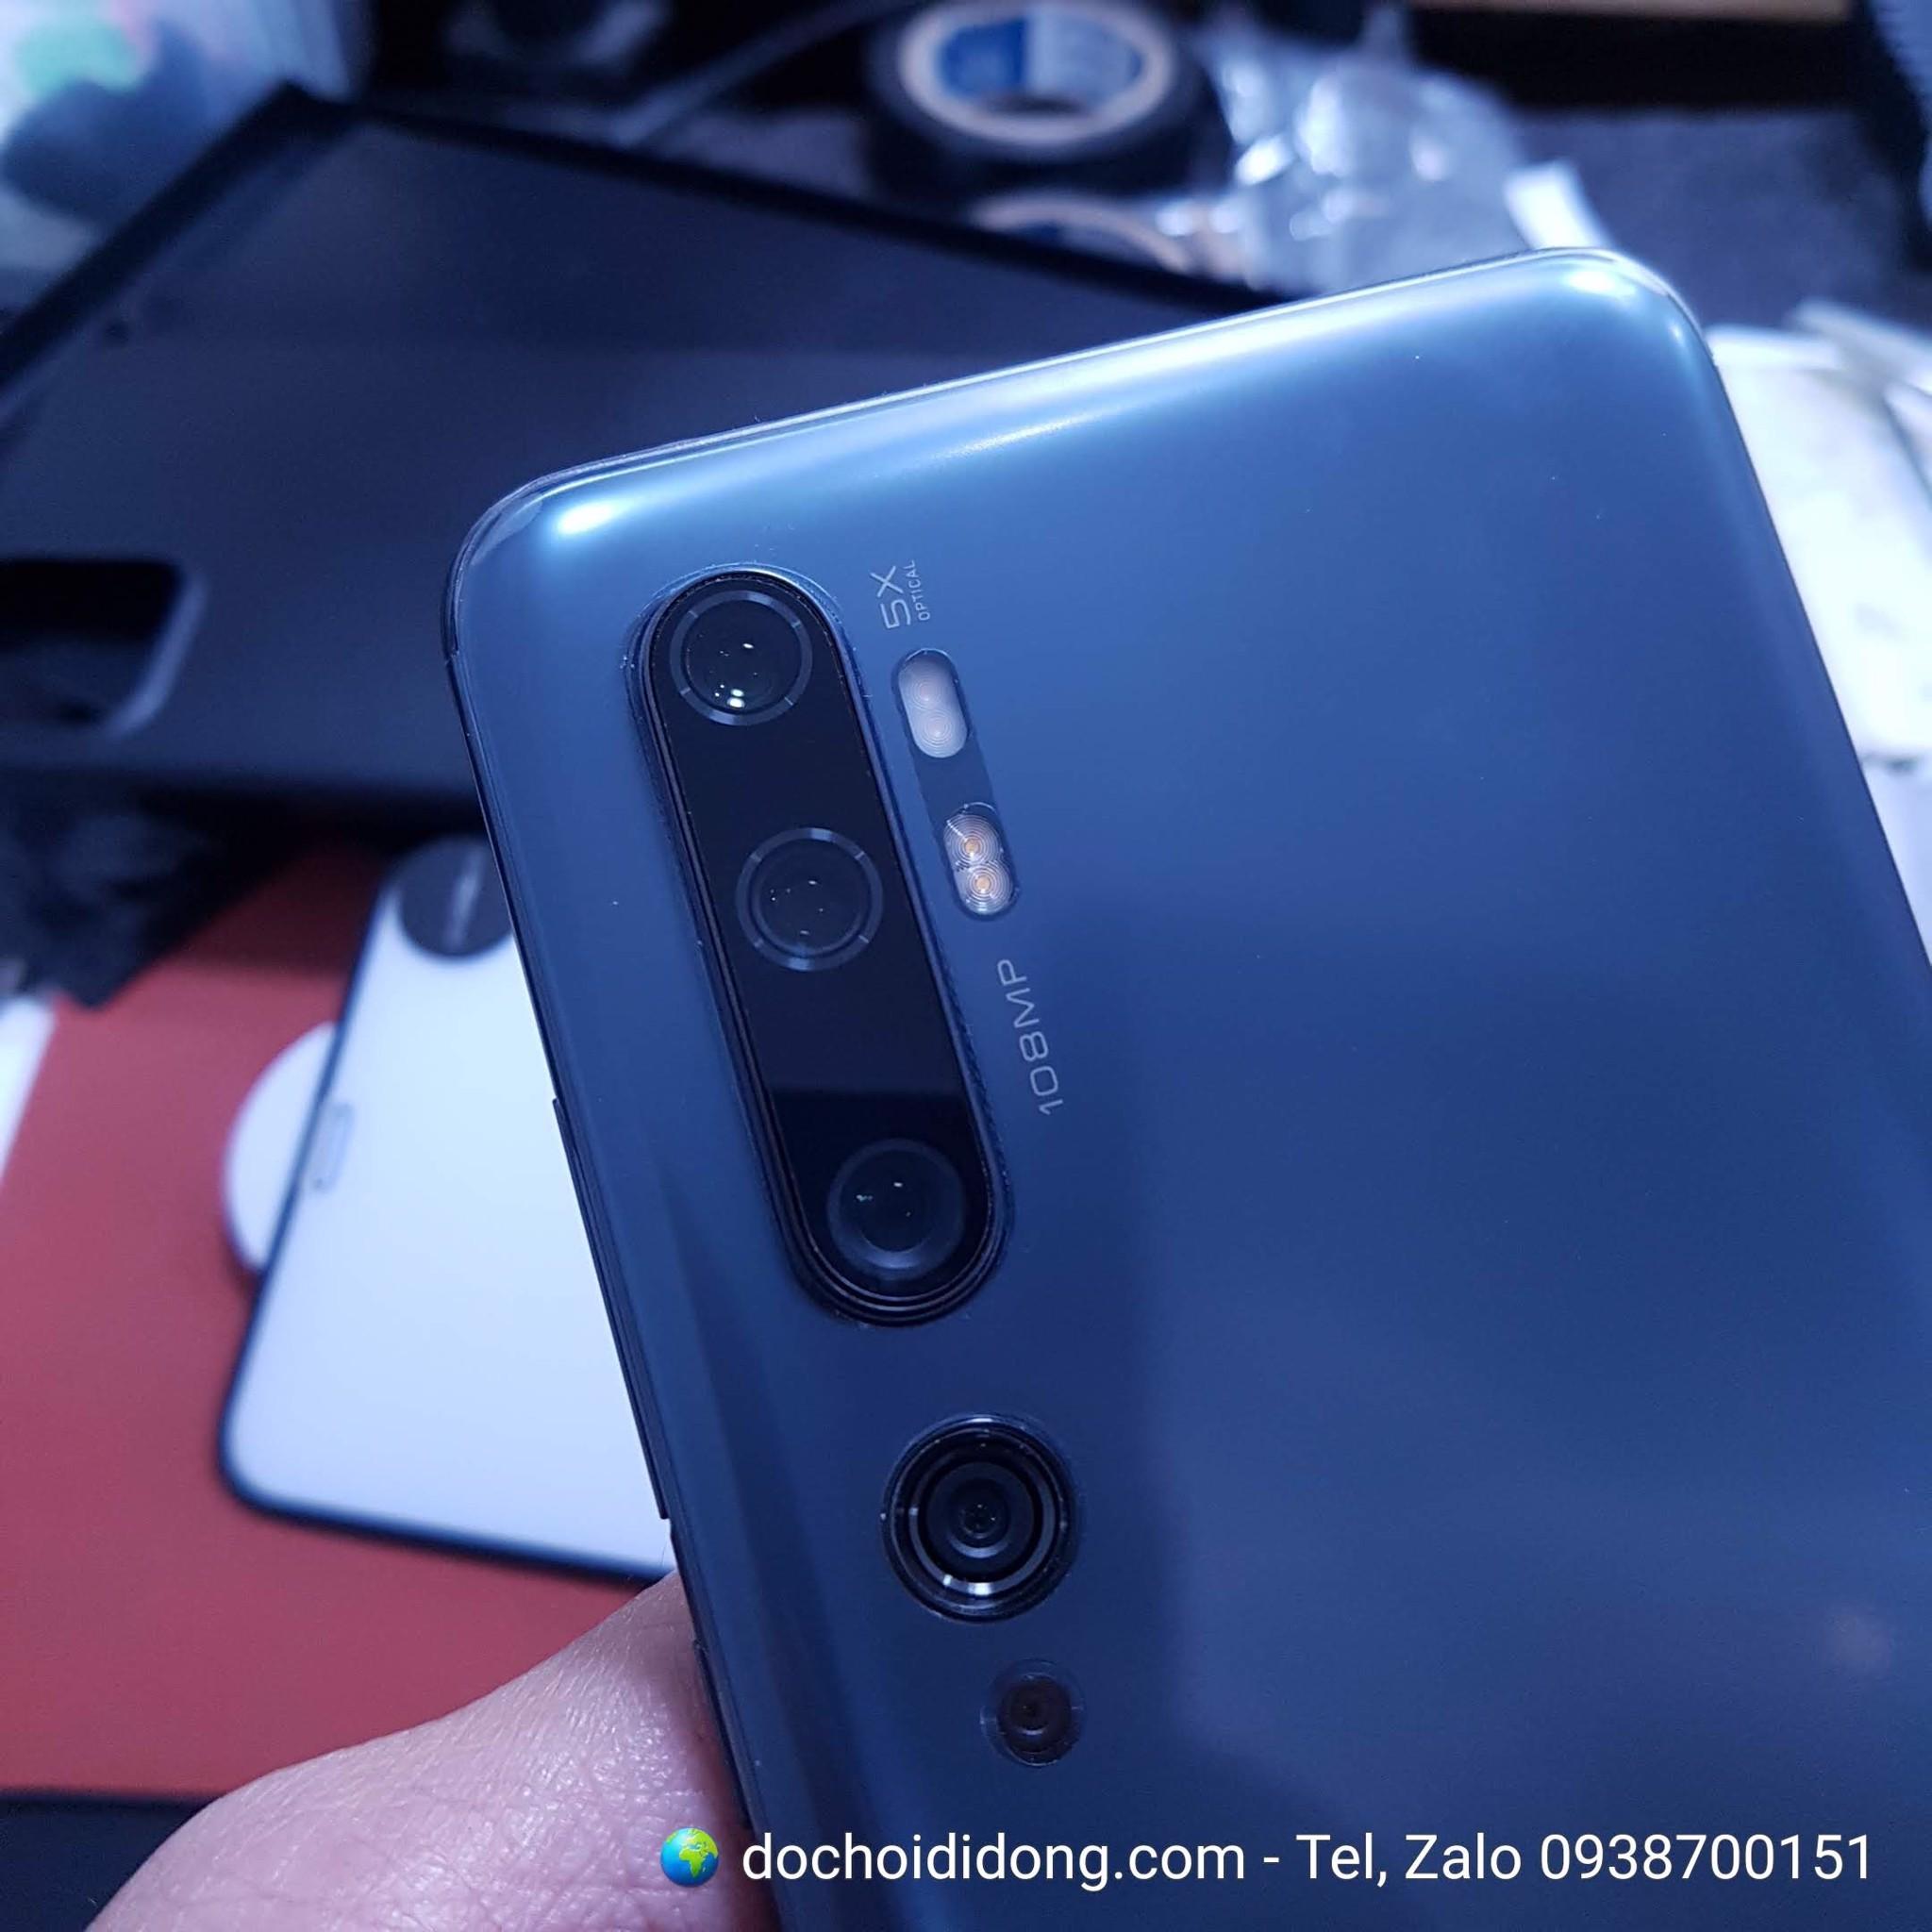 Miếng Dán Cường Lực Camera Xiaomi Mi CC9 Pro (Mi Note 10) Chống Vỡ